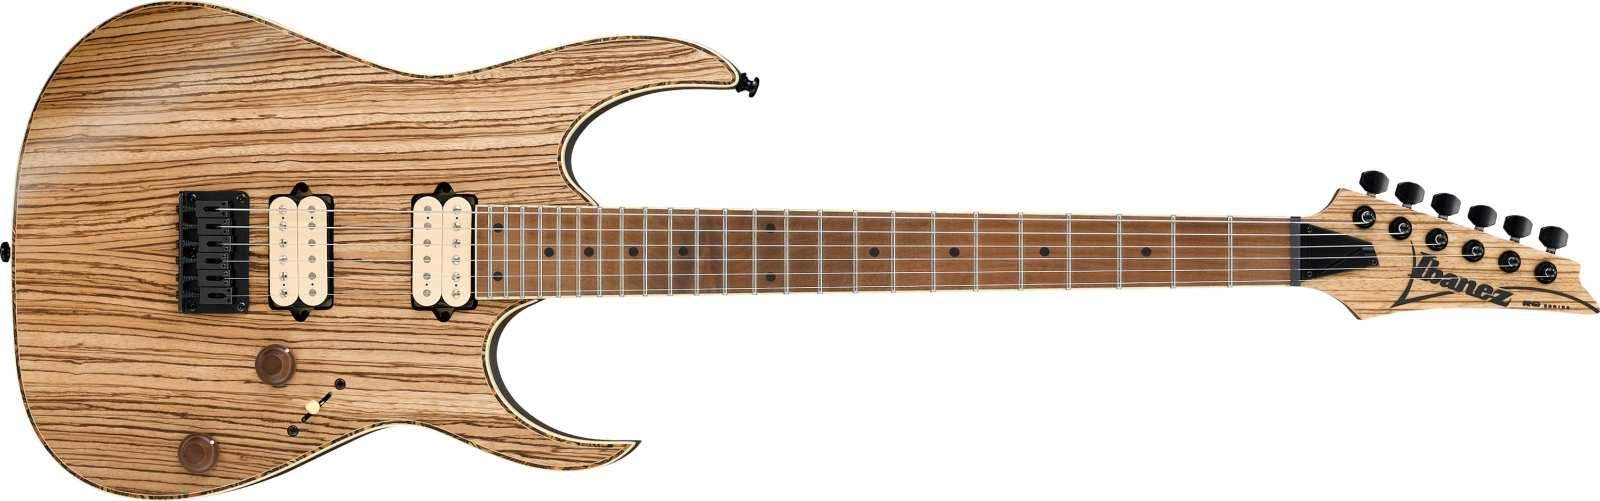 Ibanez RGEW521MZW-NTF E-Gitarre